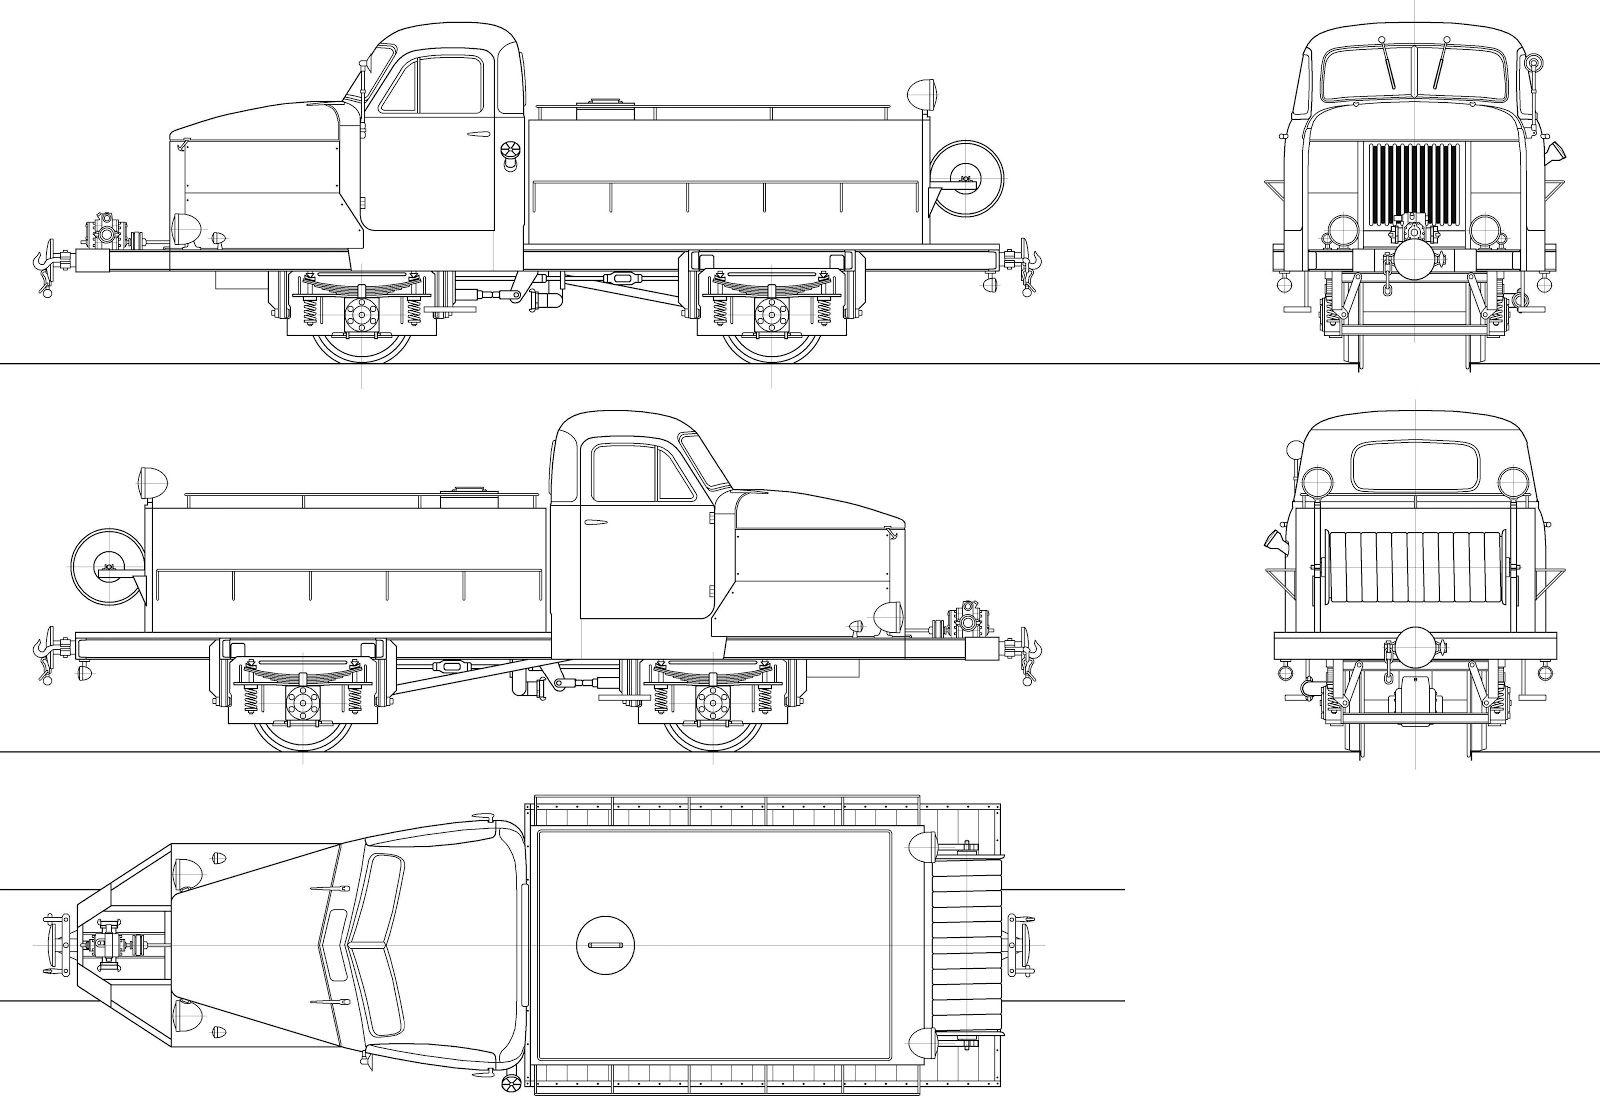 medium resolution of blog dedicated to narrow gauge railway modeling blog dedicado ao modelismo ferrovi rio em via estreita